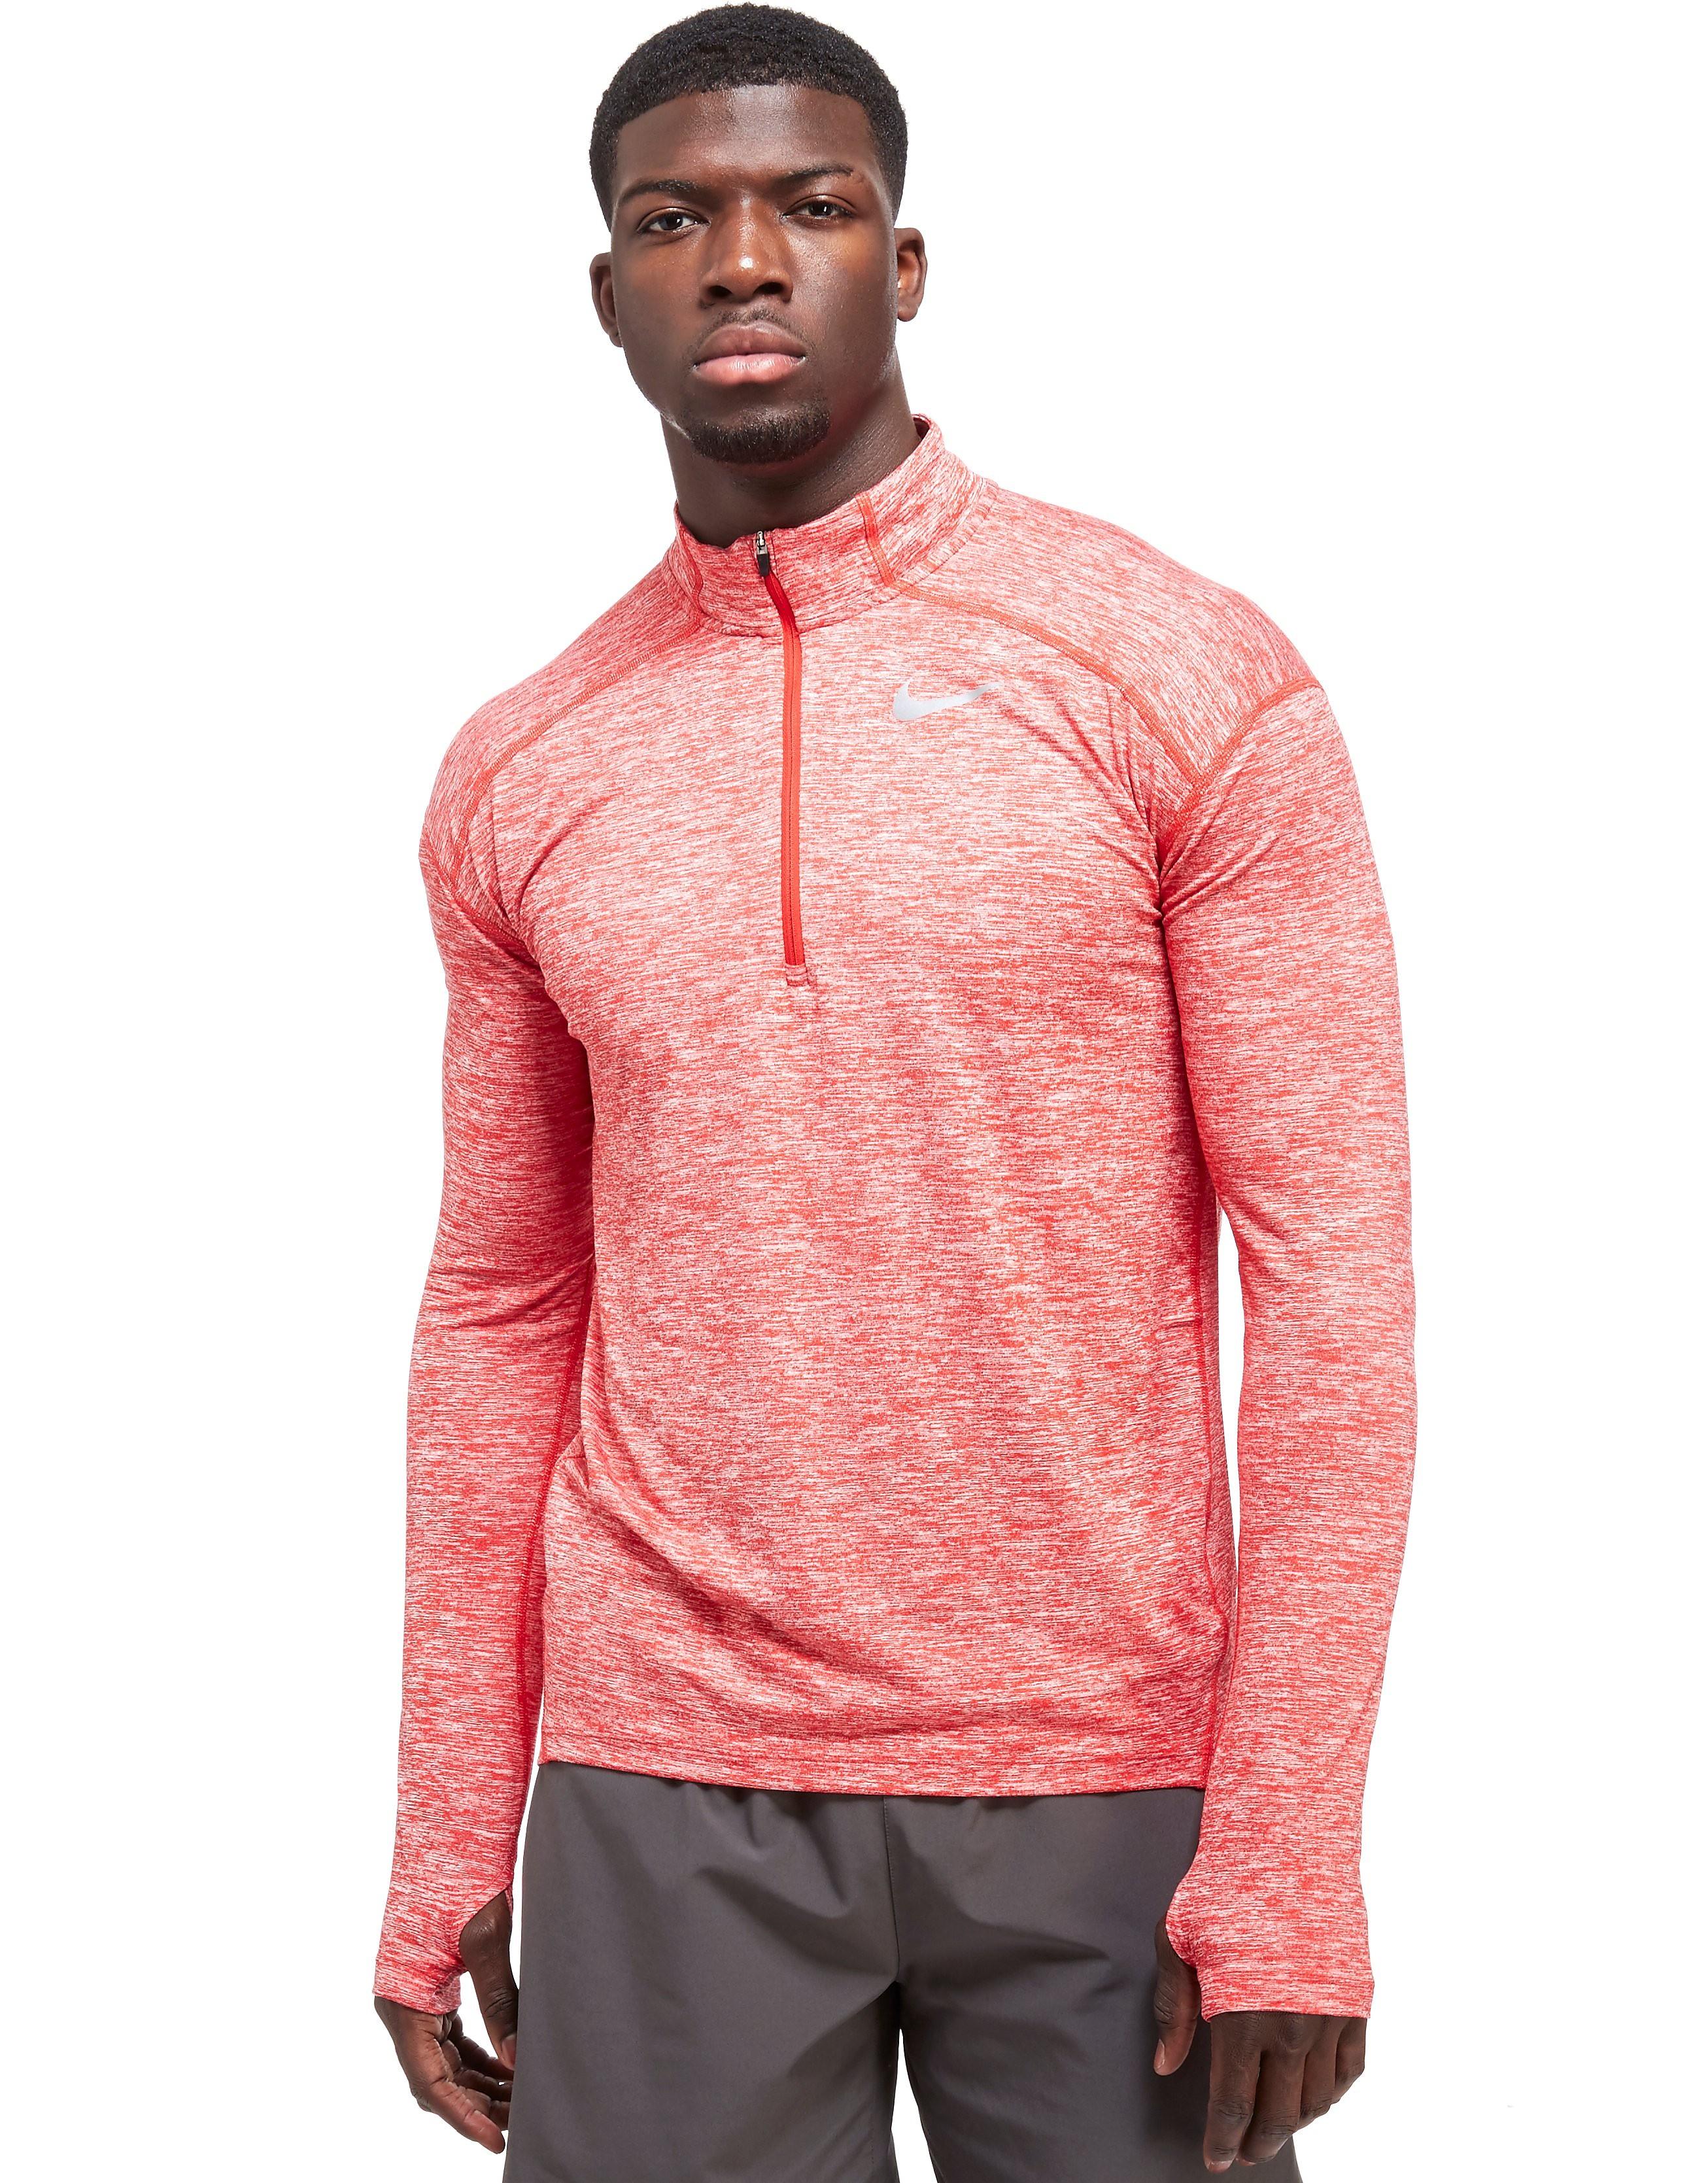 Nike Dry Element Half Zip Running Top